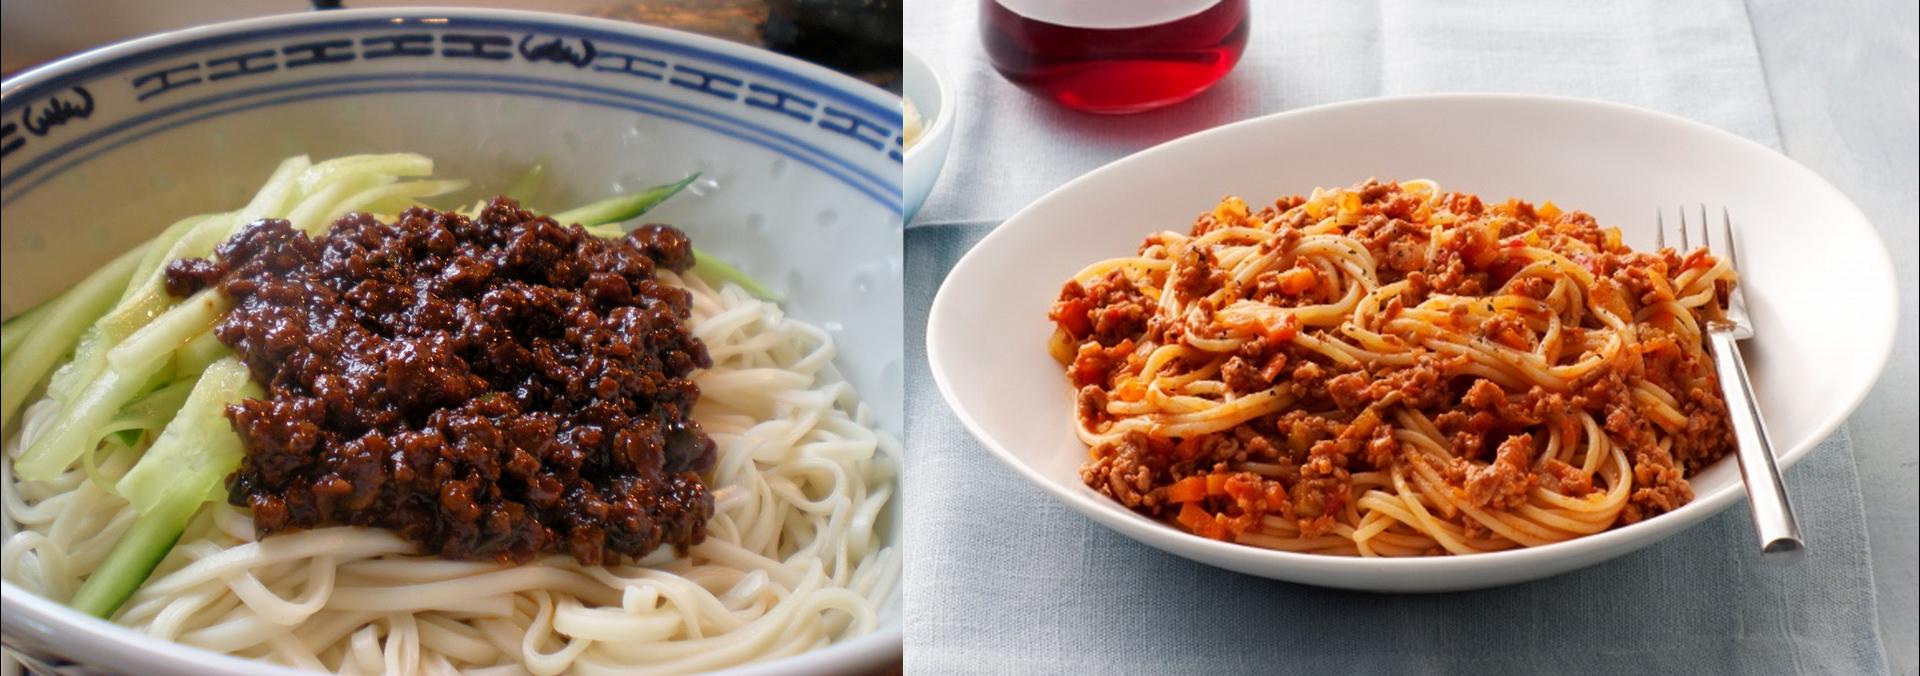 bolognese vs zha jiang